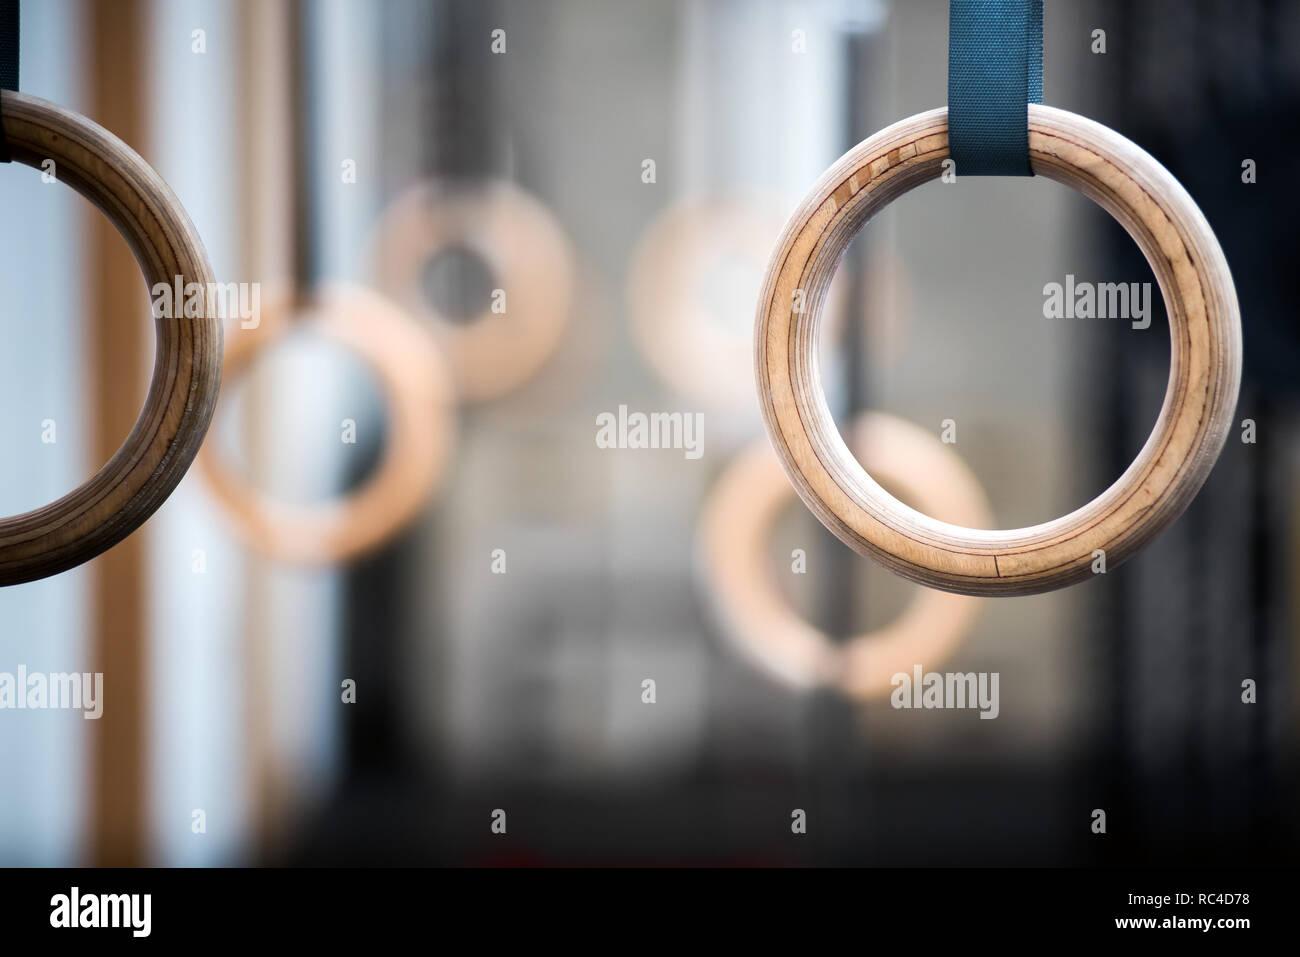 Sport in legno anelli in palestra, visto da vicino con il fuoco selettivo. Coppia di anelli è sfocata in background. Attrezzi di ginnastica concetto Immagini Stock